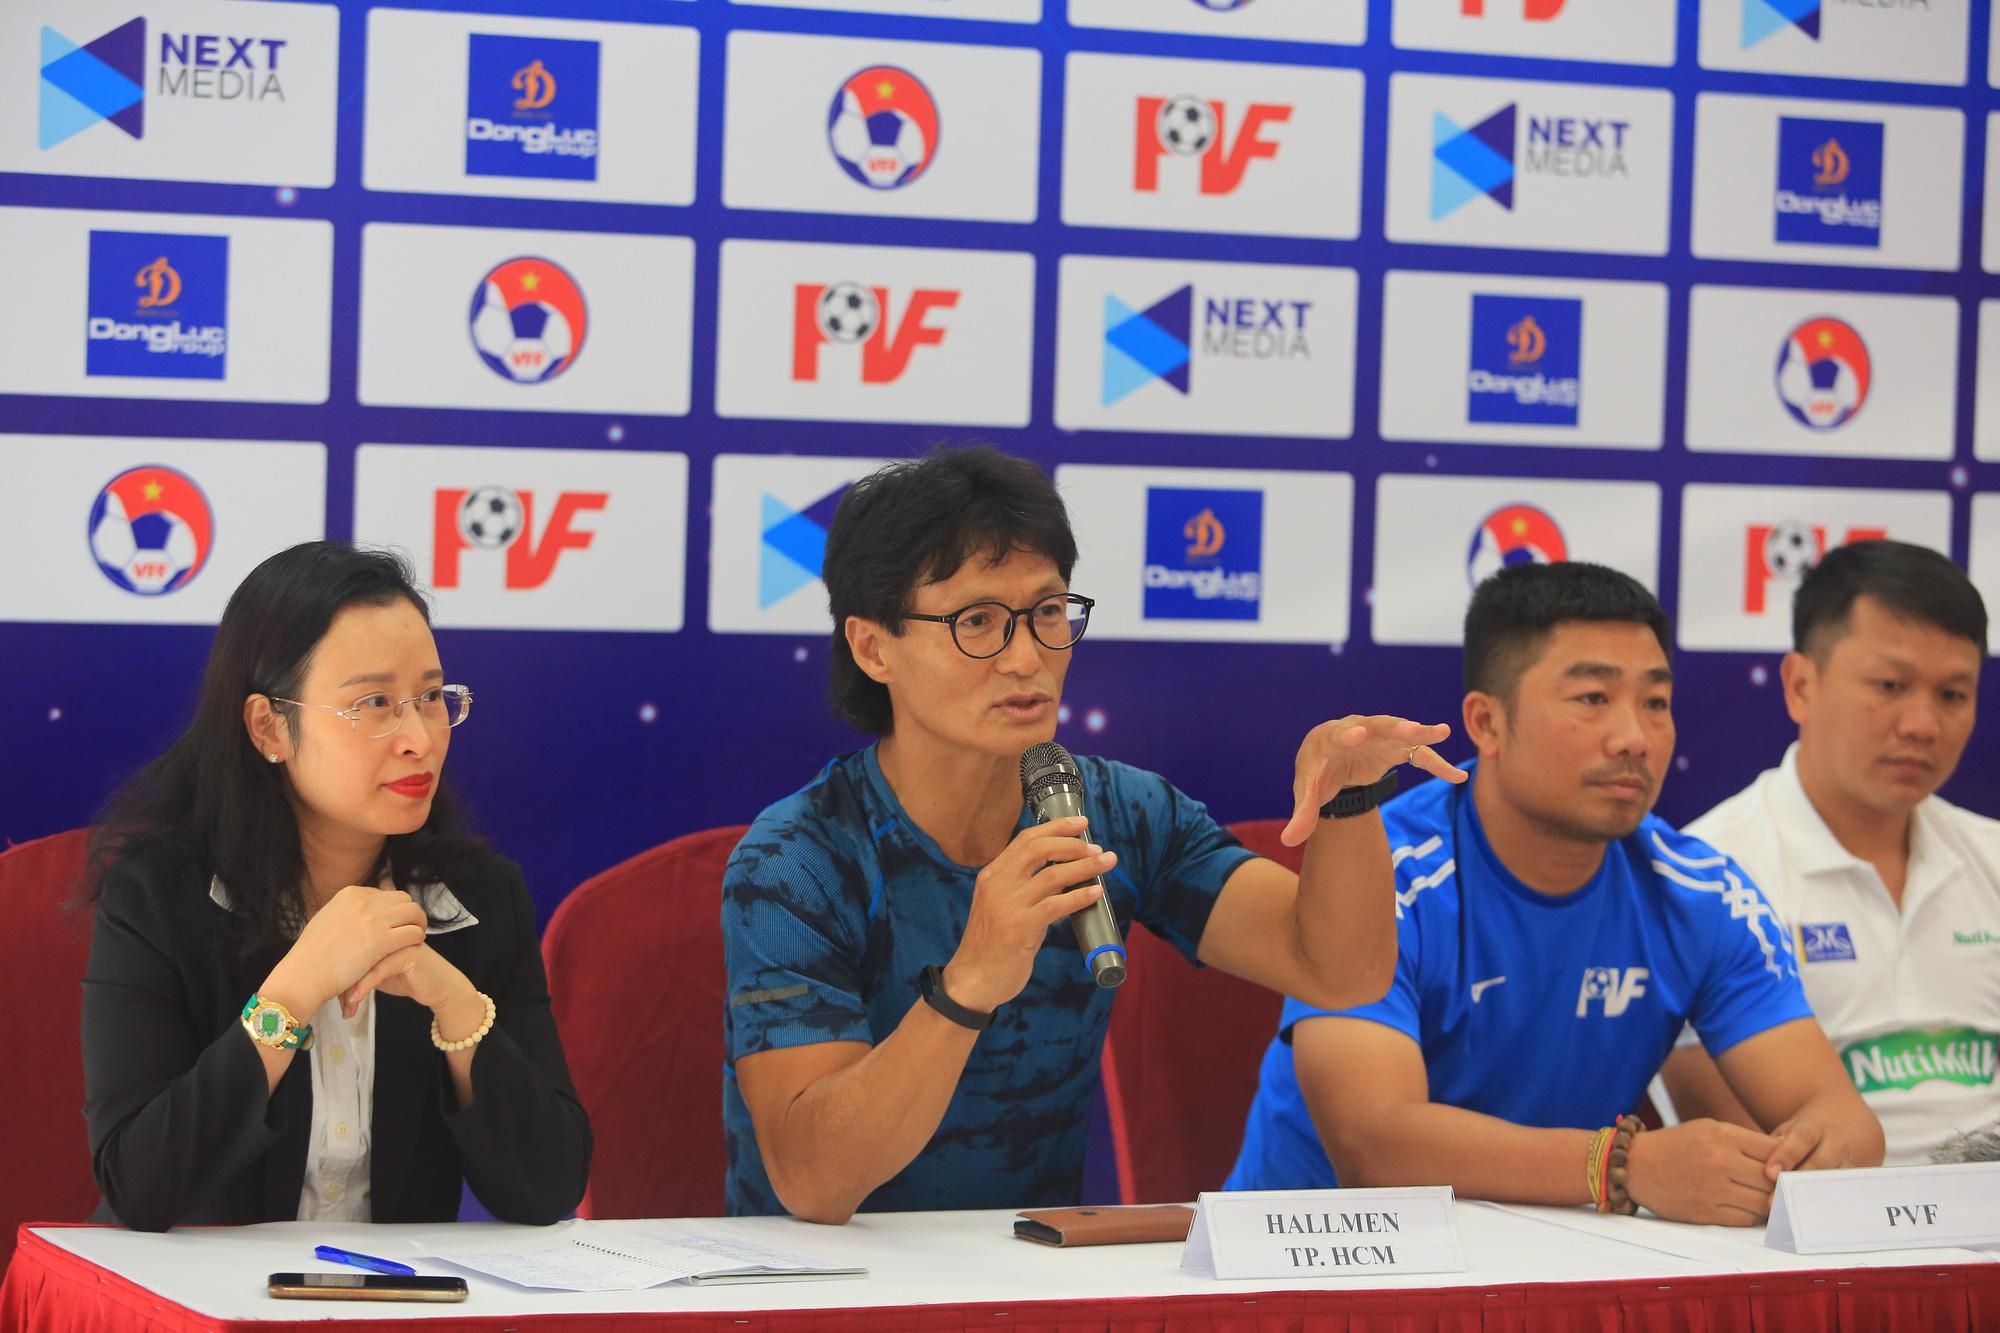 HLV Han Young-kuk khẳng định các cầu thủ U17 Hallmen TP.HCM sẽ ra sân thi đấu với 200% sức lực. Ảnh: Minh Dân